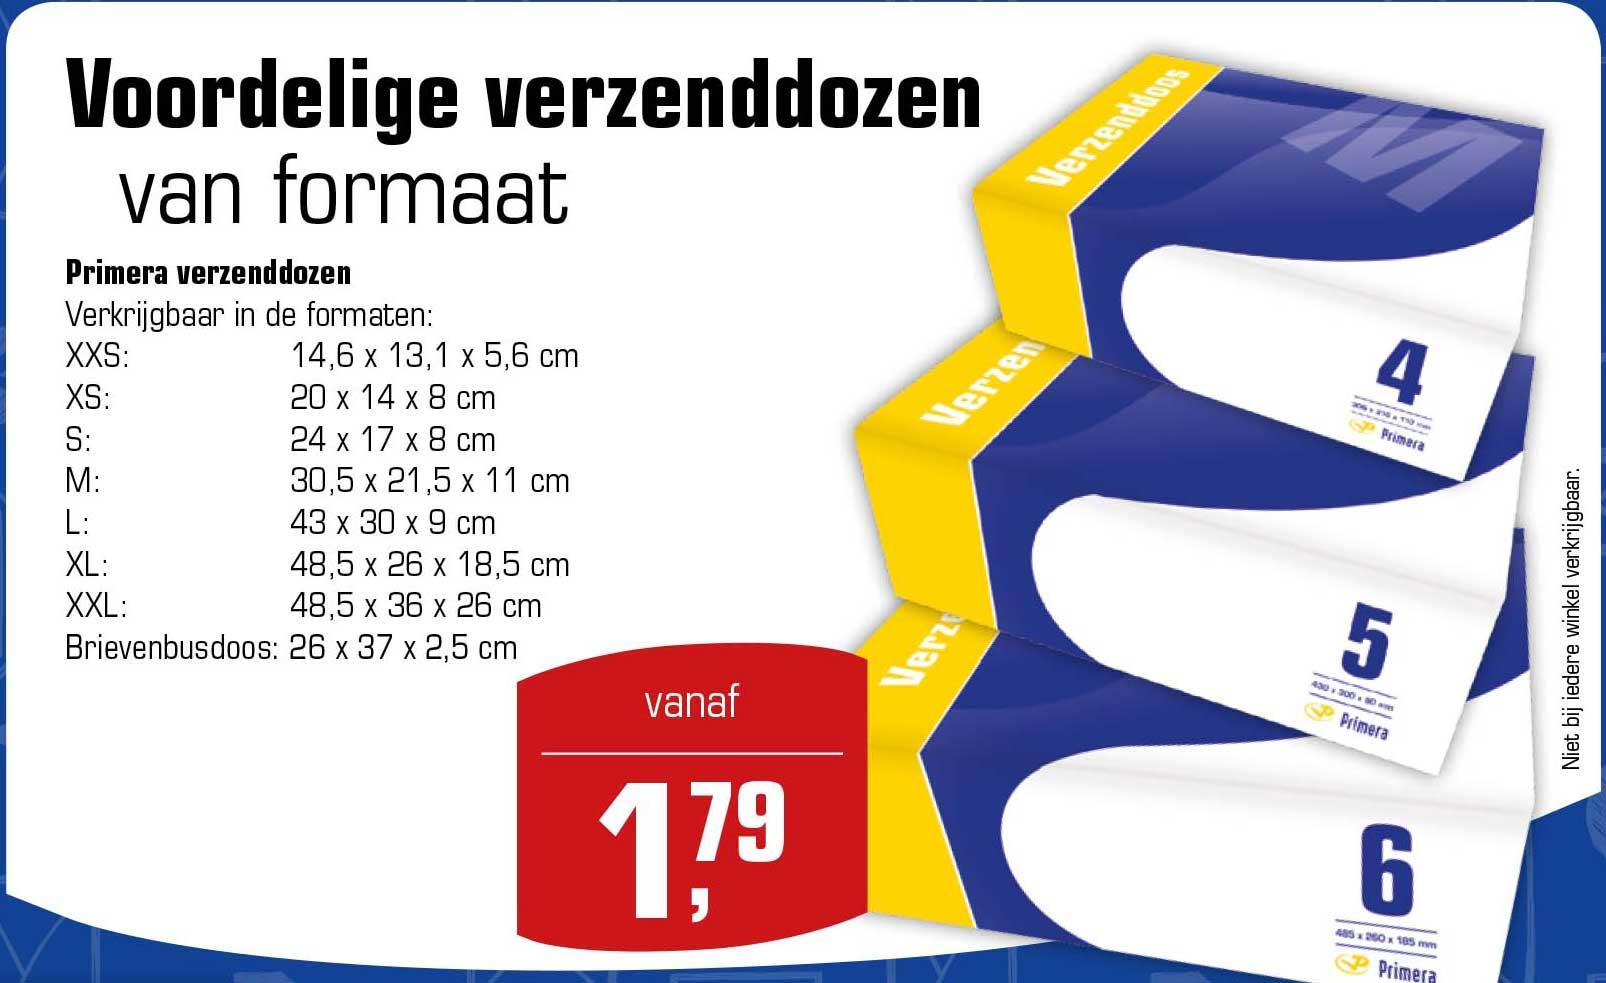 Primera Voordelige Verzenddozen: Vanaf €1,79